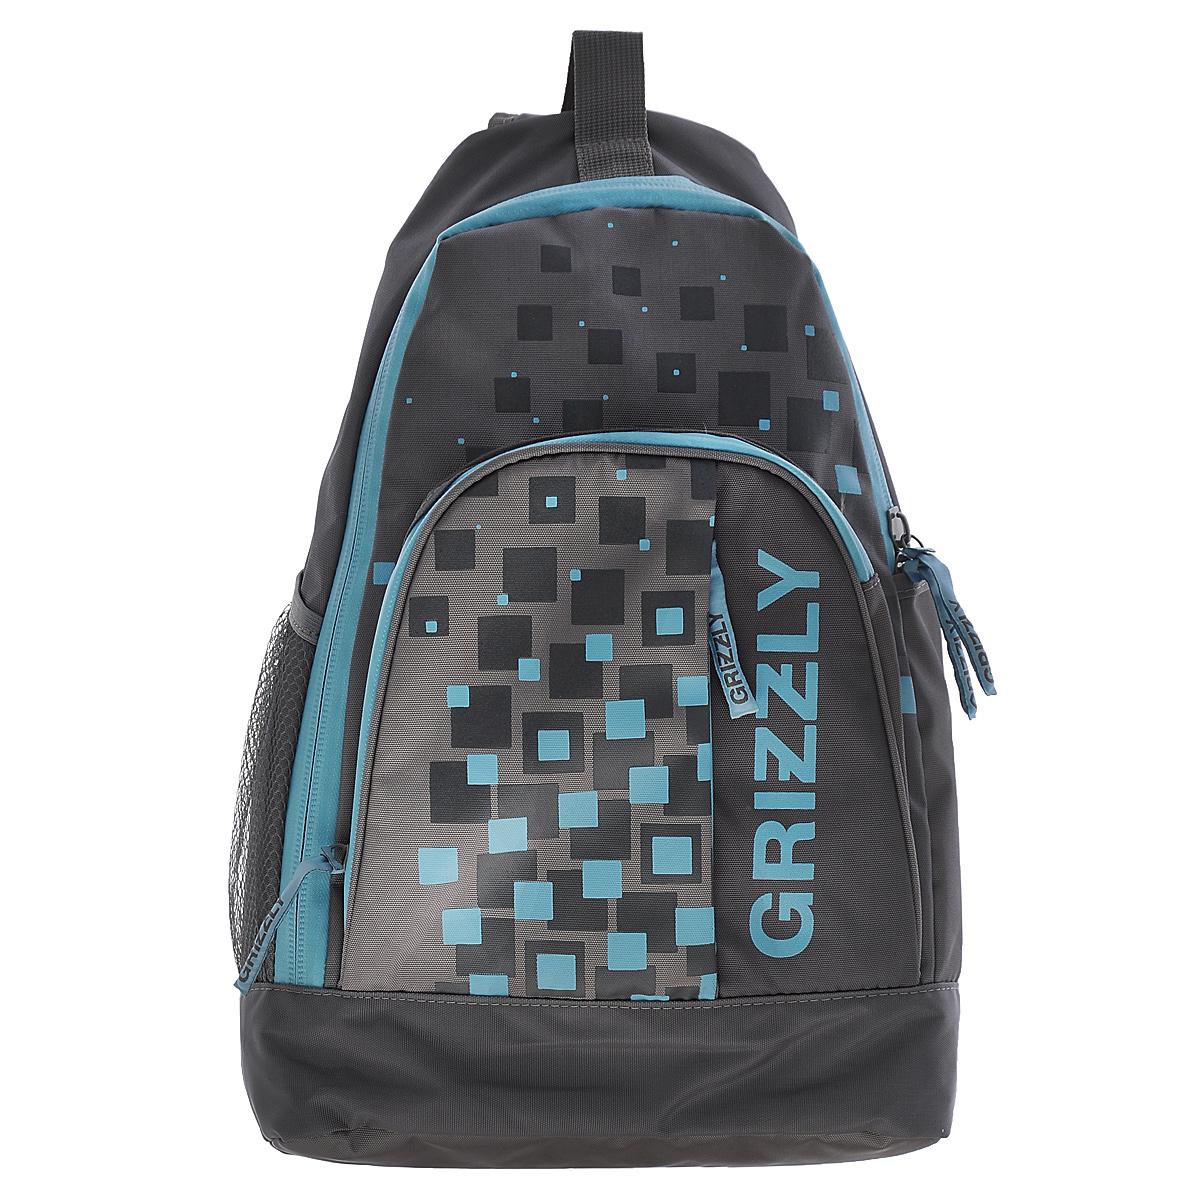 Рюкзак городской Grizzly, цвет: серый, голубой, 24 л. RU-510-2/1RU-510-2/1Рюкзак Grizzly - это удобный и практичный рюкзак, изготовленный из полиэстера. Рюкзак имеет одно главное отделение, которое закрывается на застежку-молнию. Внутри основного отделения - карман на липучке. По бокам рюкзака - два кармана, один из которых - сетчатый на резинке. На передней панели - вместительный карман на змейке с четырьмя небольшими кармашками внутри для письменных принадлежностей. Также на вместительном кармане расположен еще один потайной карман на змейке.Модель имеет укрепленную спинку с мягкой рельефной вставкой и одну лямку, а также ручку-петлю. Лямка оснащена мини-карманом для разных небольших мелочей и аксессуаров. Такой рюкзак - практичное и стильное приобретение на каждый день.